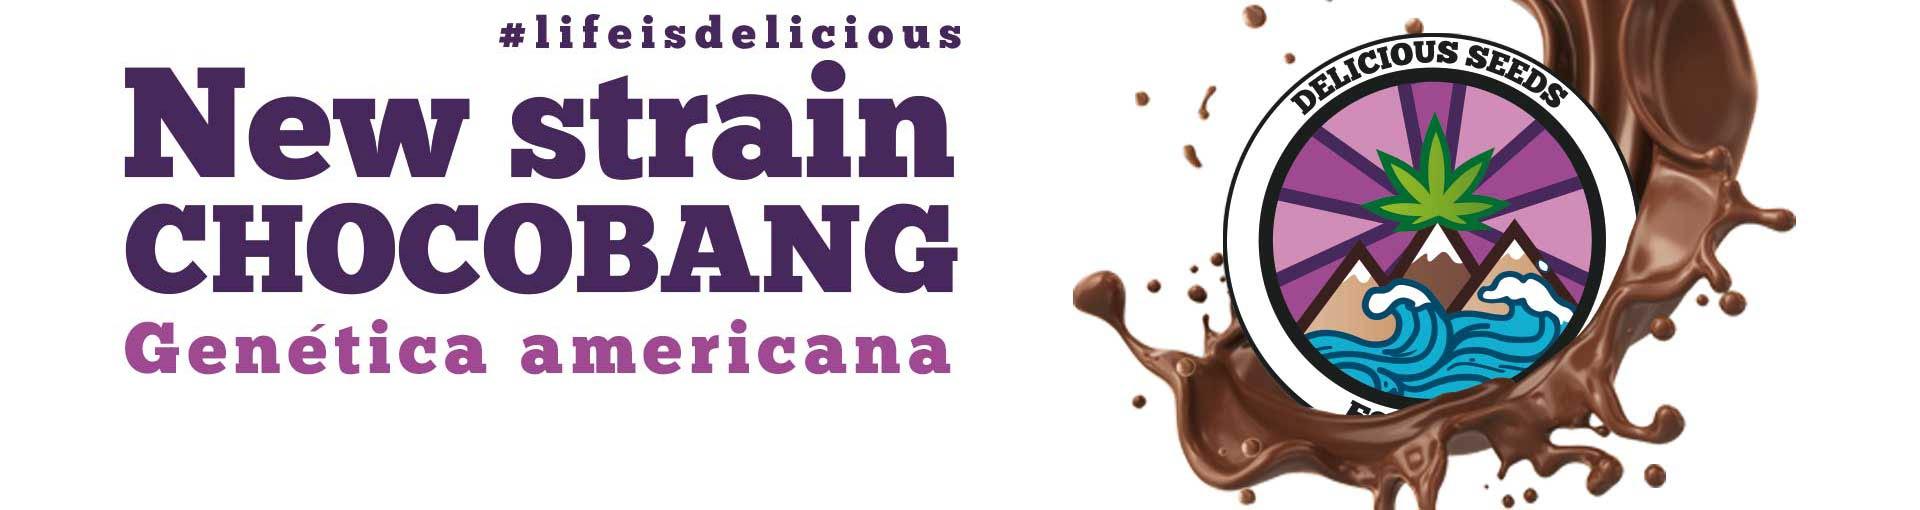 New Strain Chocobang